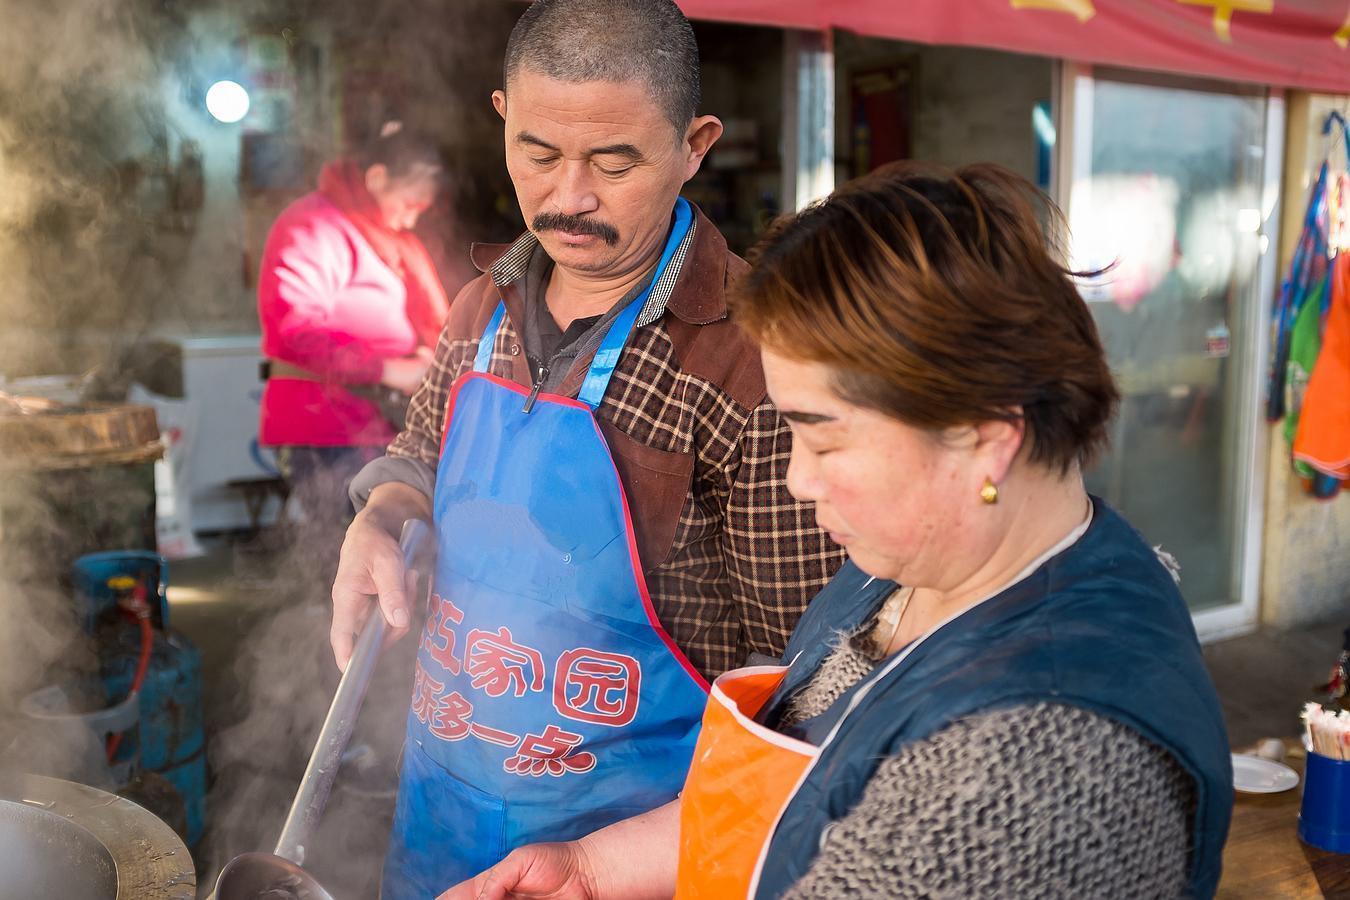 夫妻俩大集上卖单县羊肉汤 10块钱一大碗半天入账500元